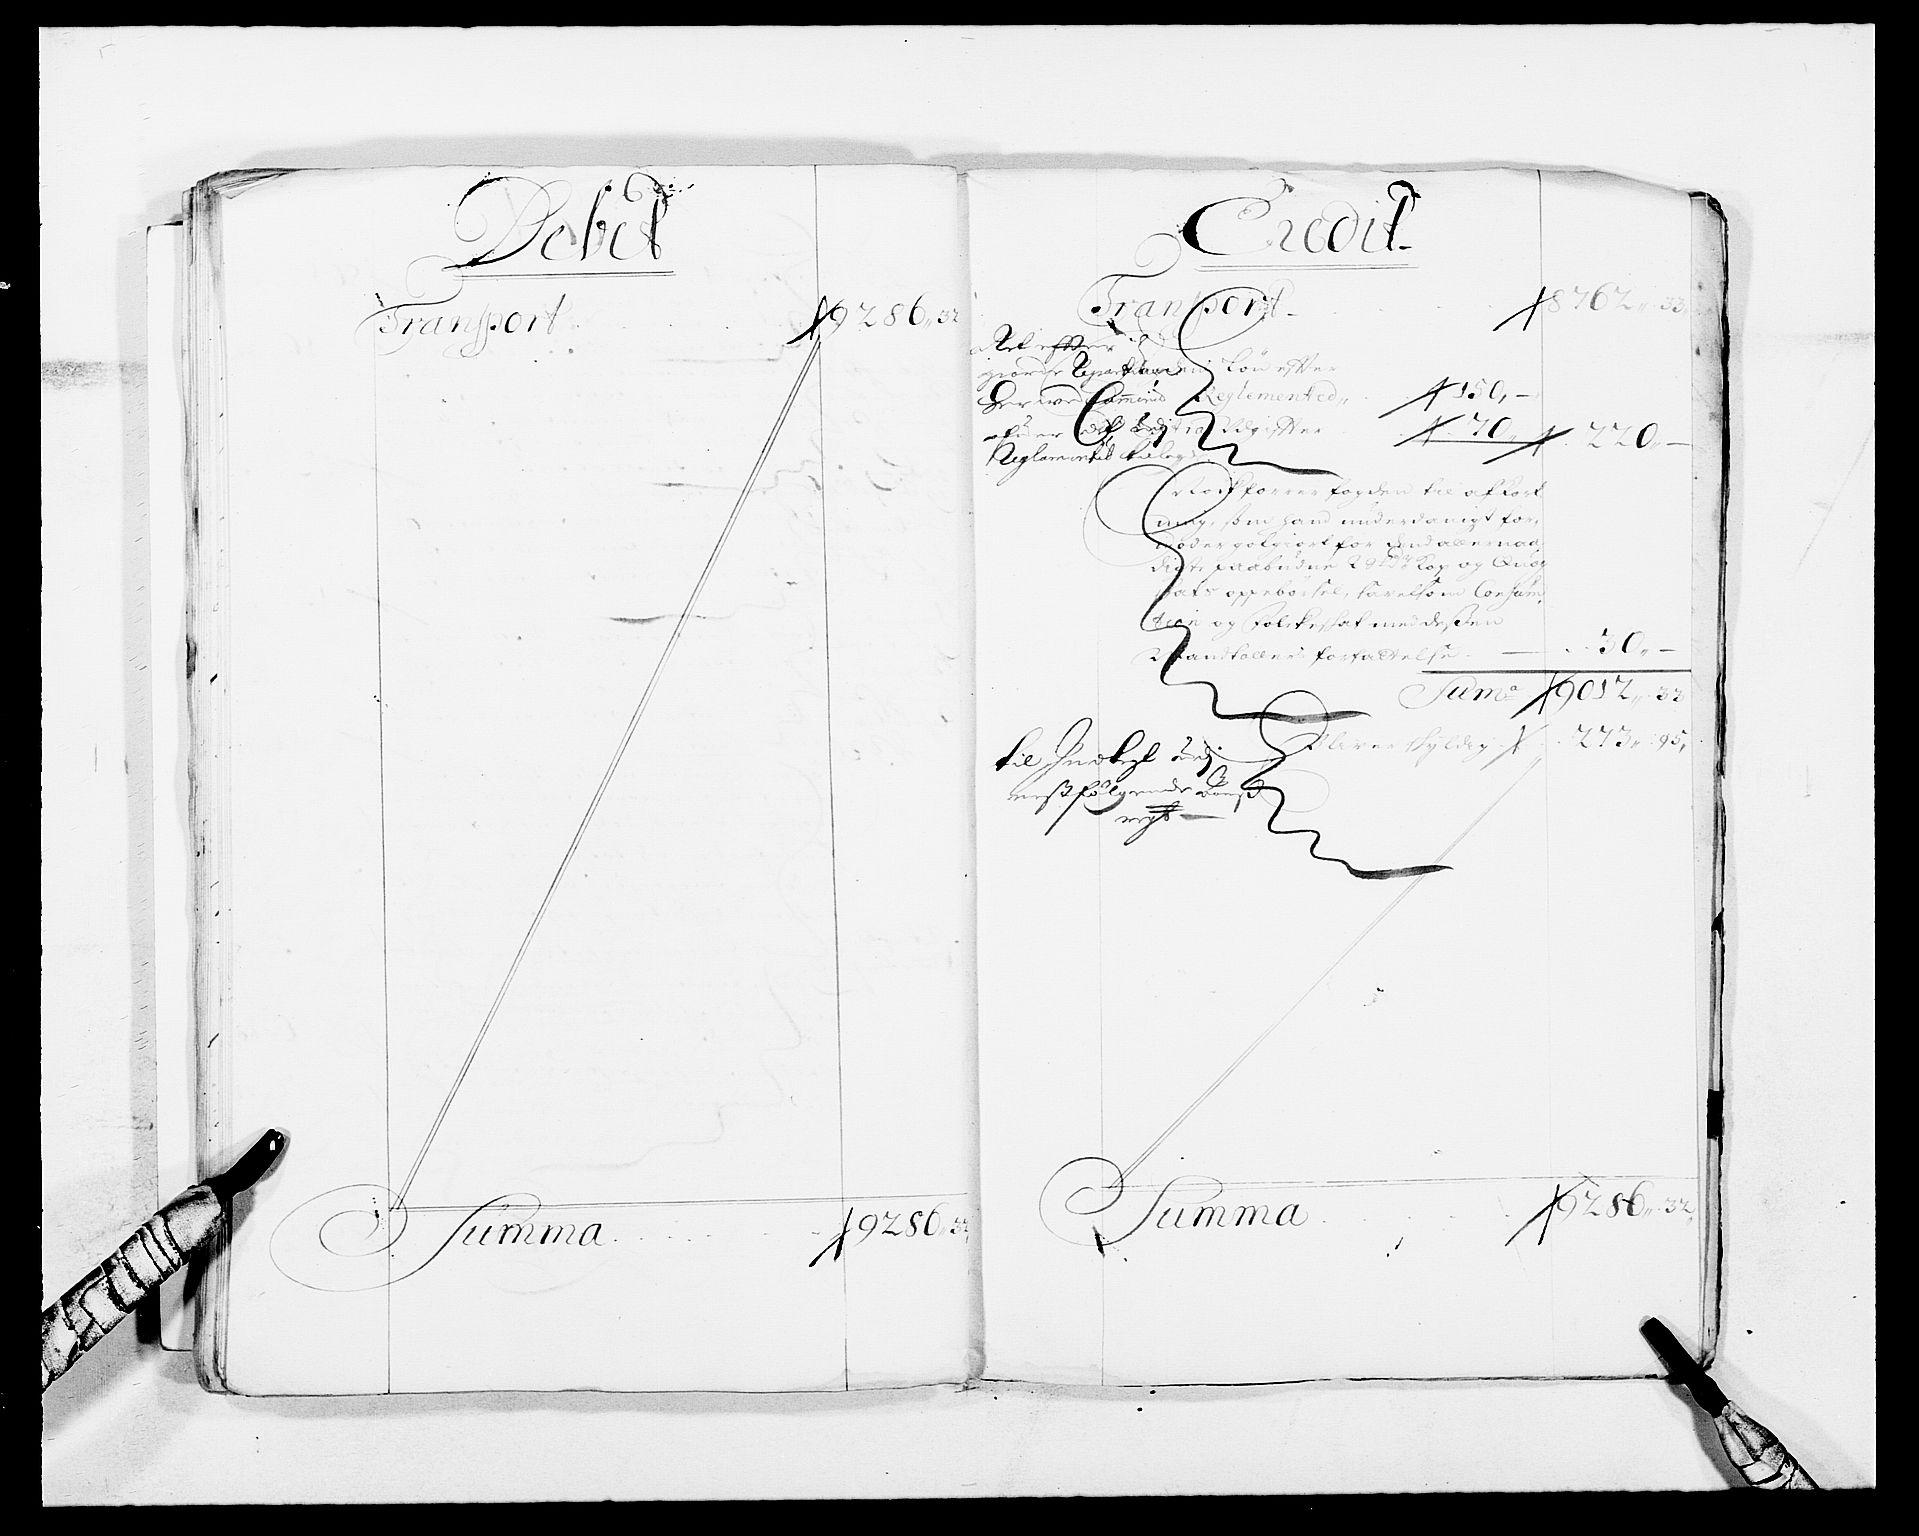 RA, Rentekammeret inntil 1814, Reviderte regnskaper, Fogderegnskap, R11/L0573: Fogderegnskap Nedre Romerike, 1679-1688, s. 175